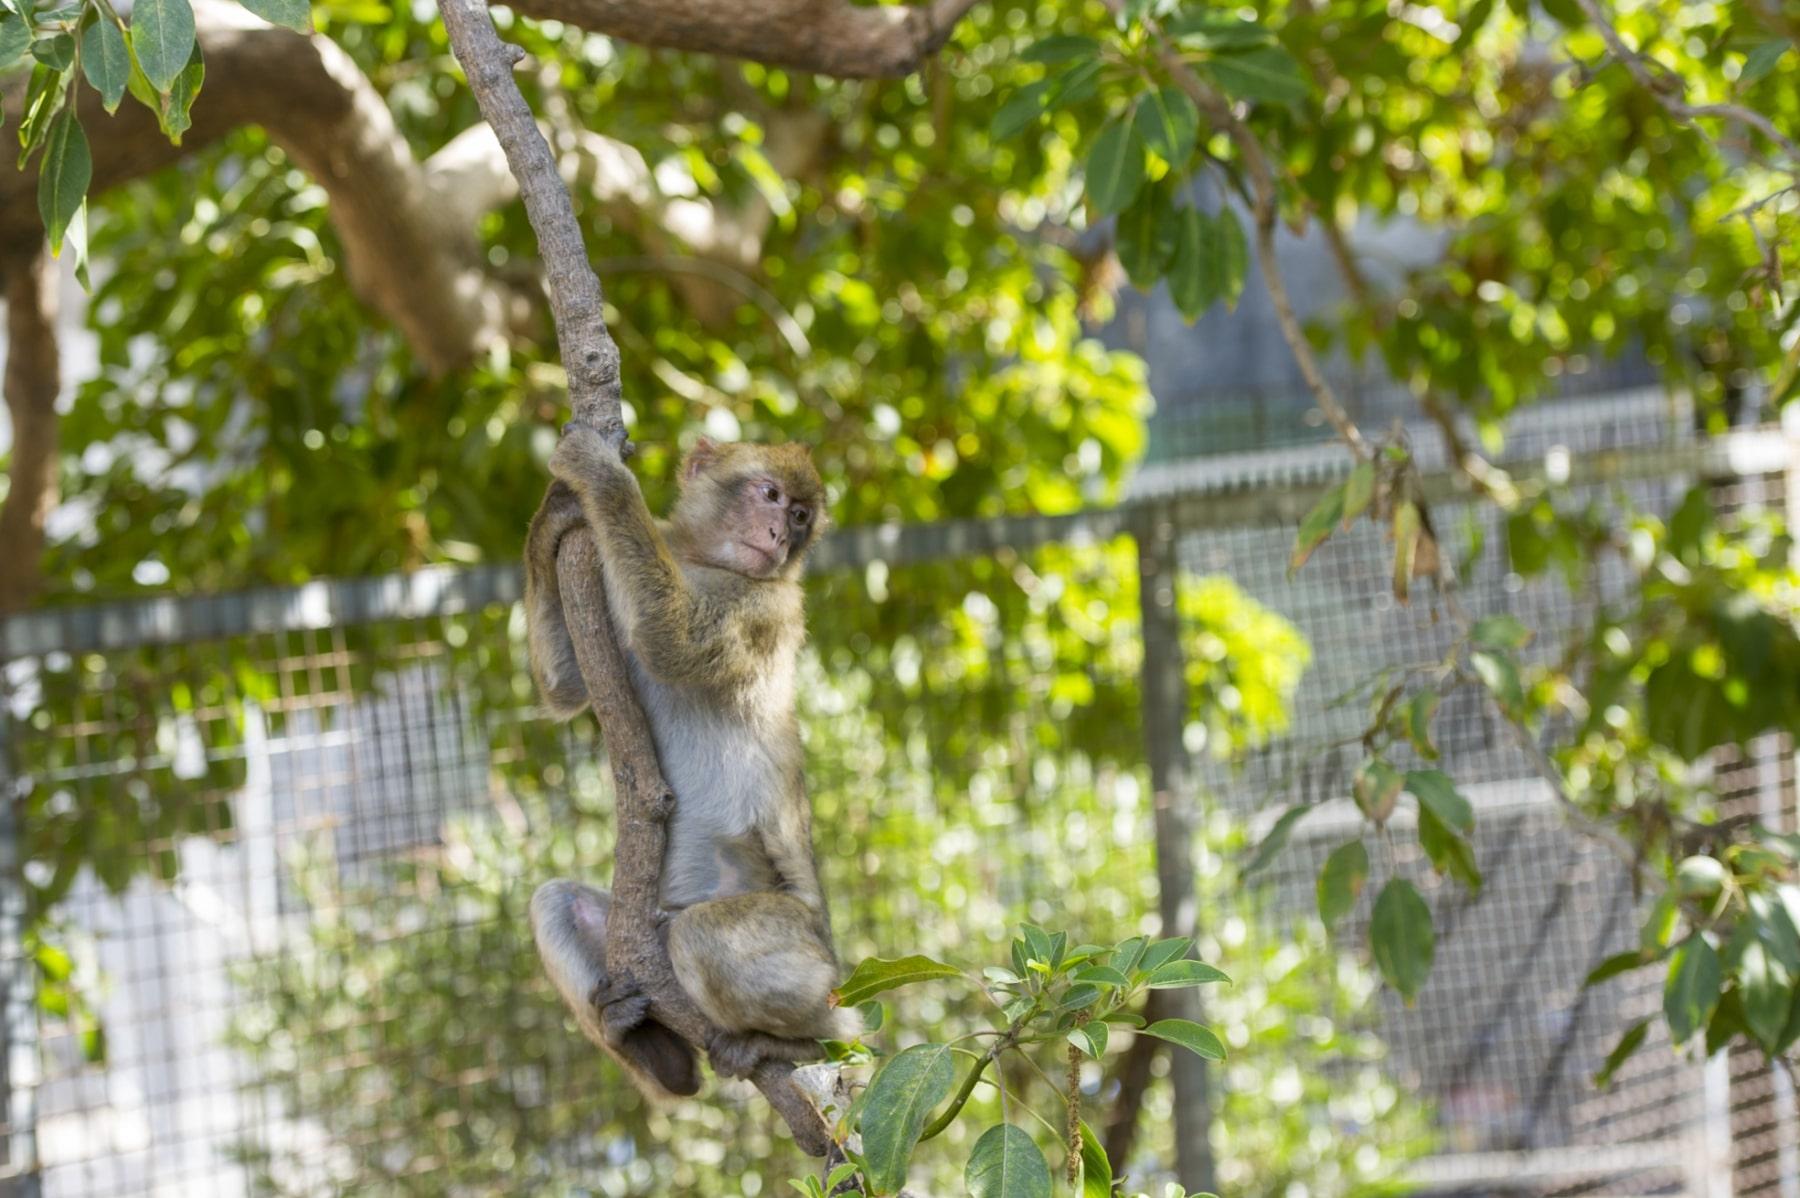 Monos-en-la-ciudad-18